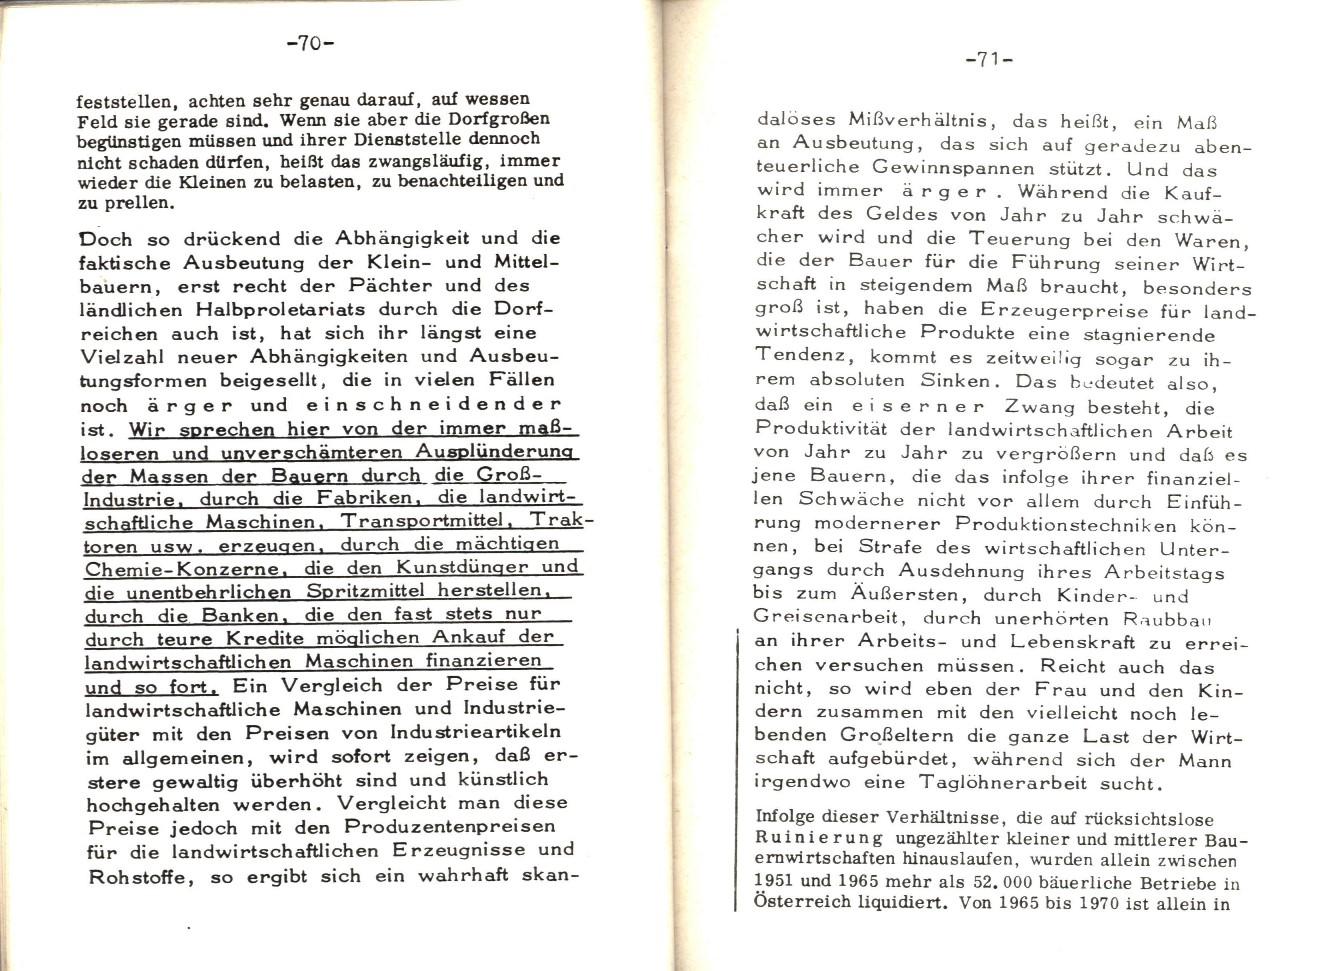 MLSK_Theorie_und_Praxis_des_ML_1978_23_39